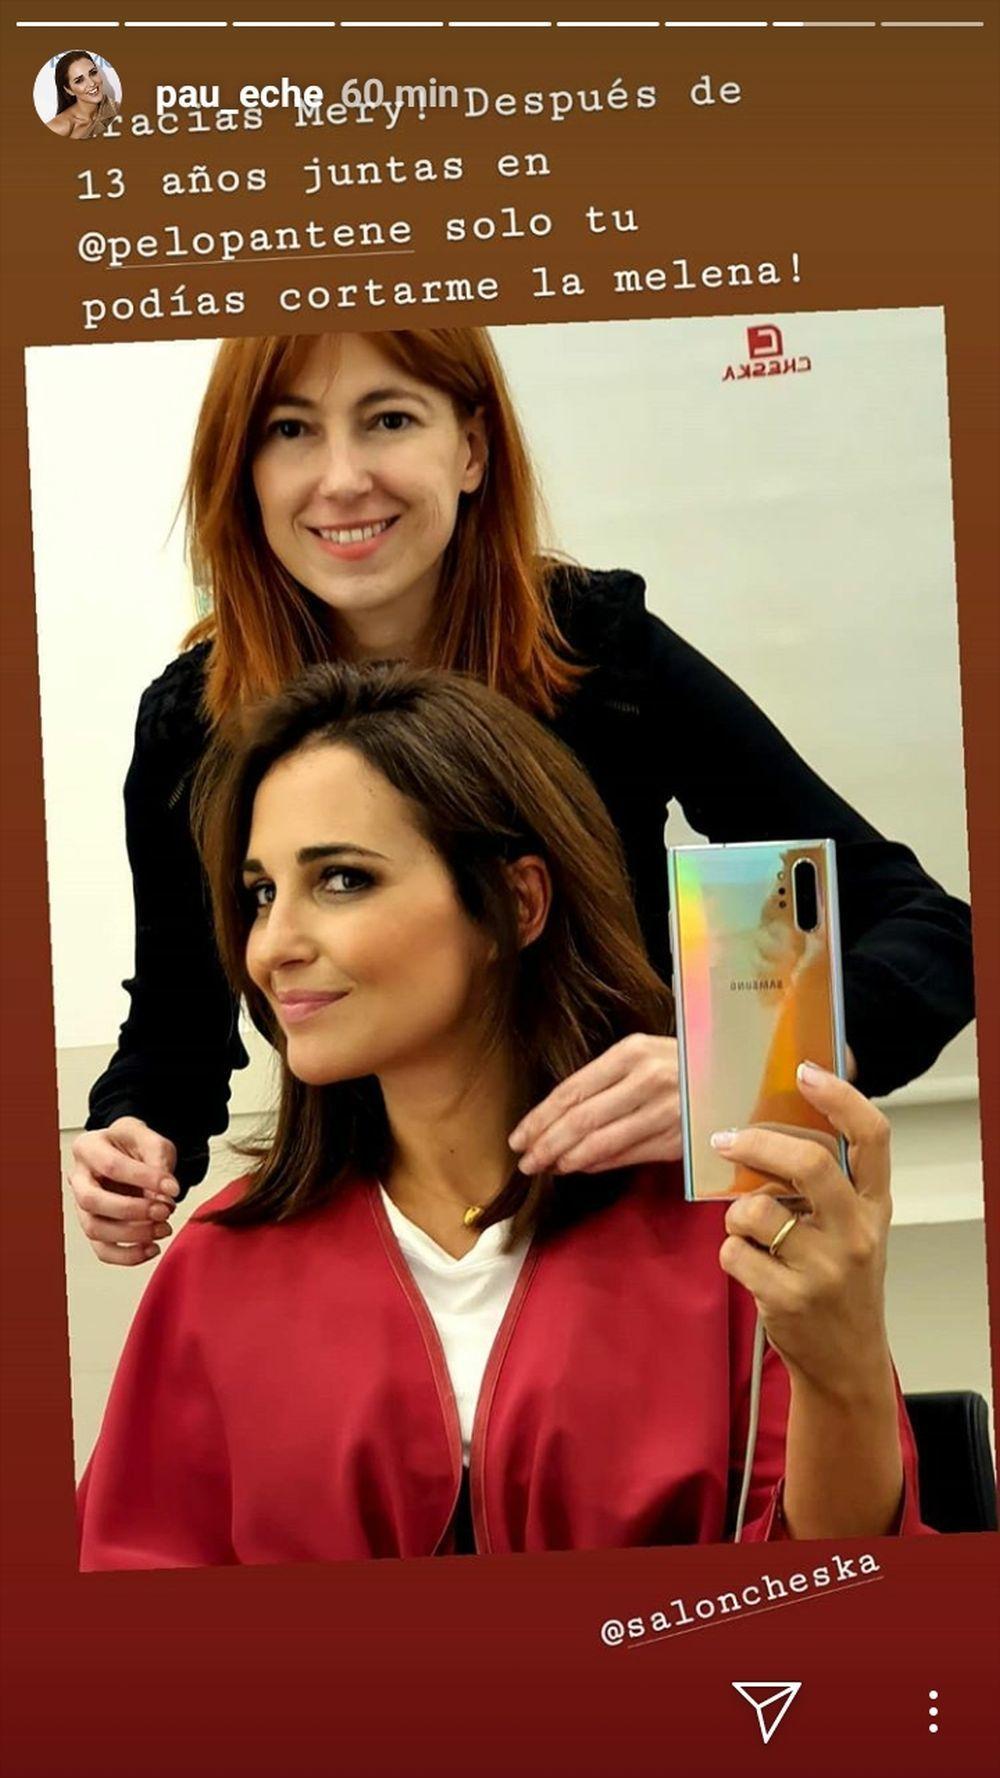 La actriz Paula Echevarría con María Baras, de Cheska, artífice de...